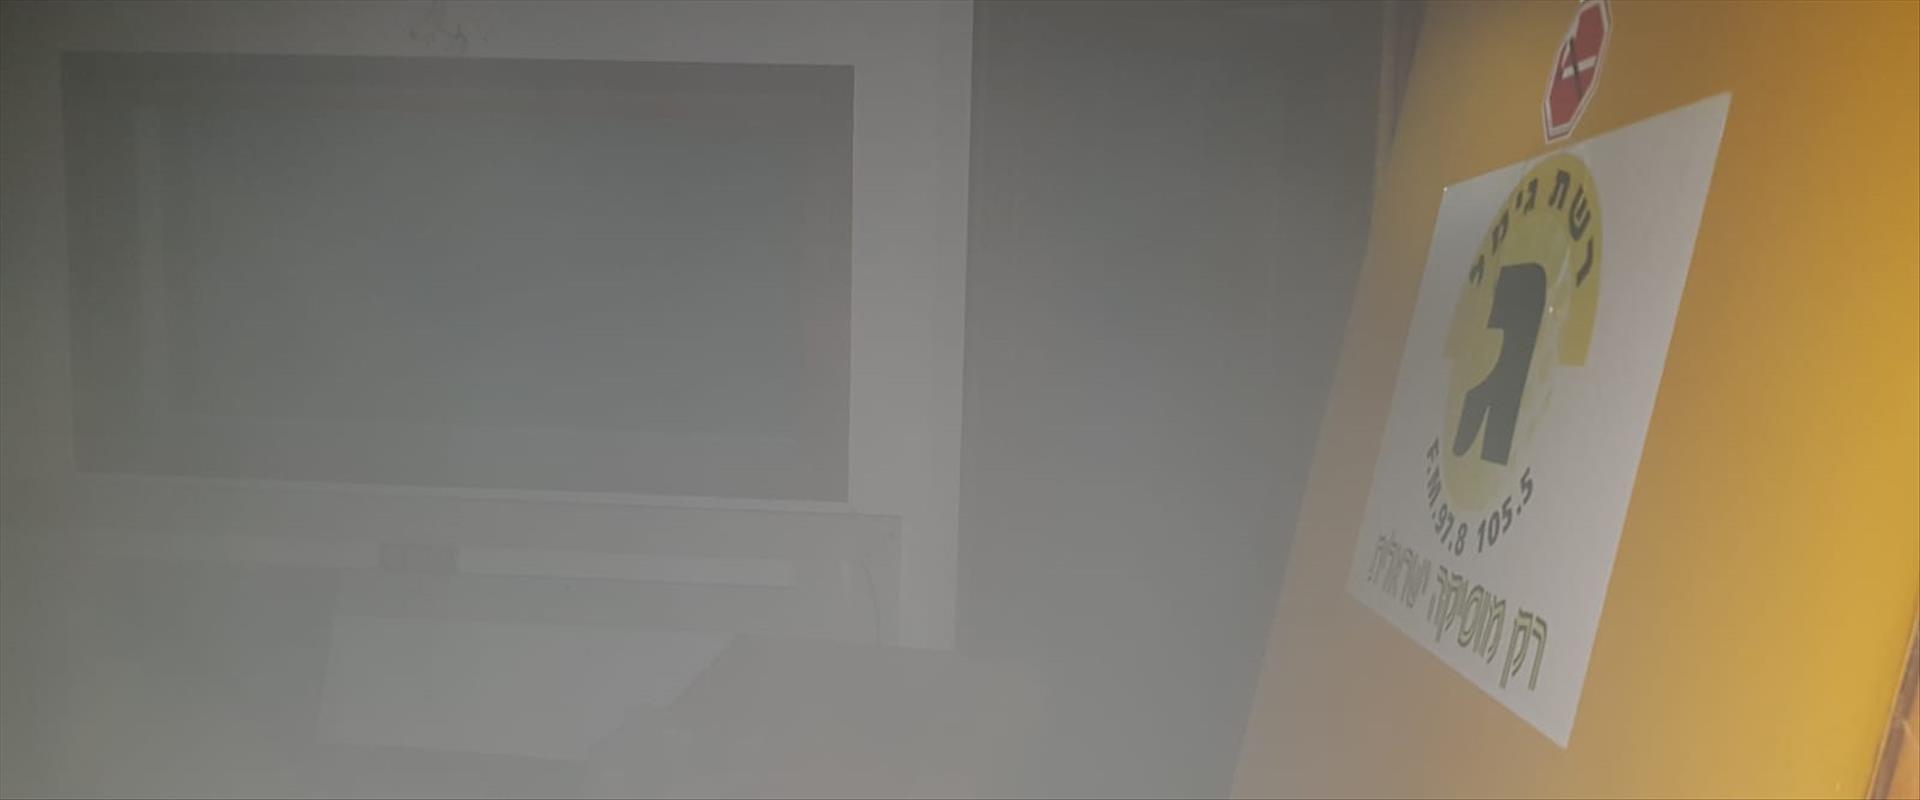 שריפה בבניין רשות השידור 21.09.19